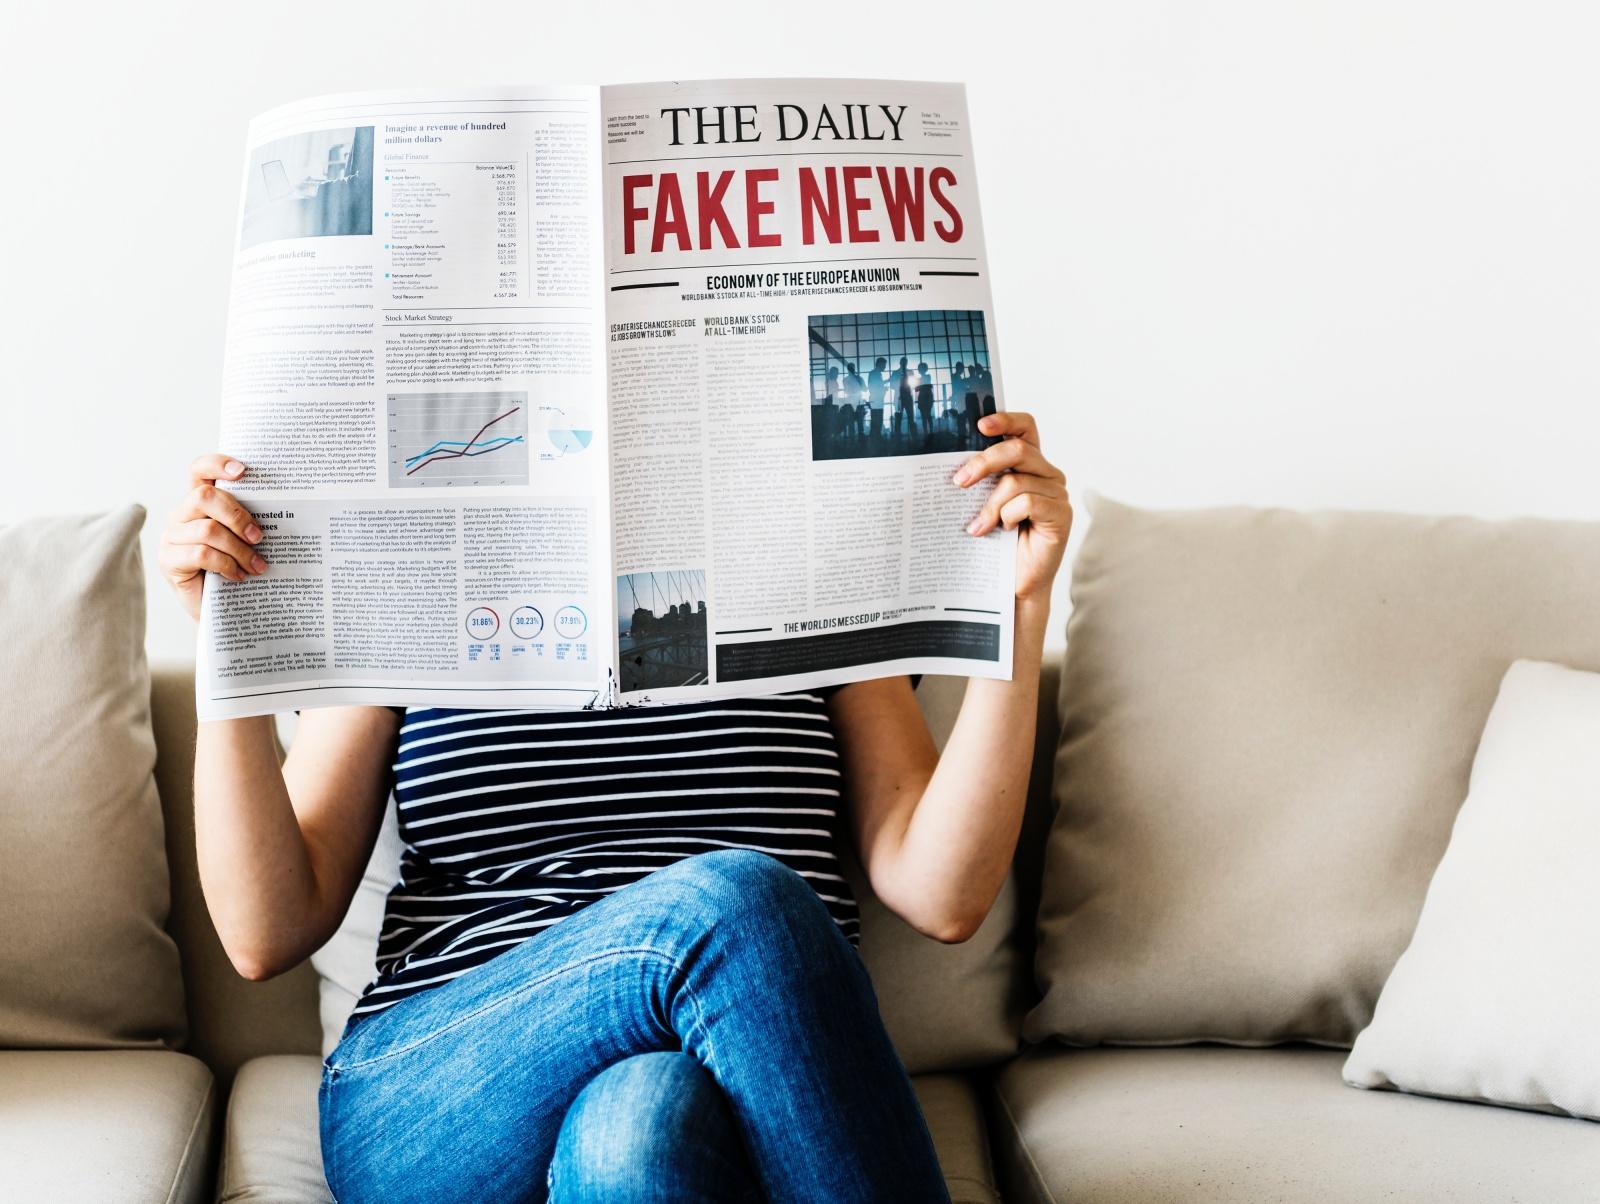 学習ニュース拾い読み記事のアイキャッチ画像